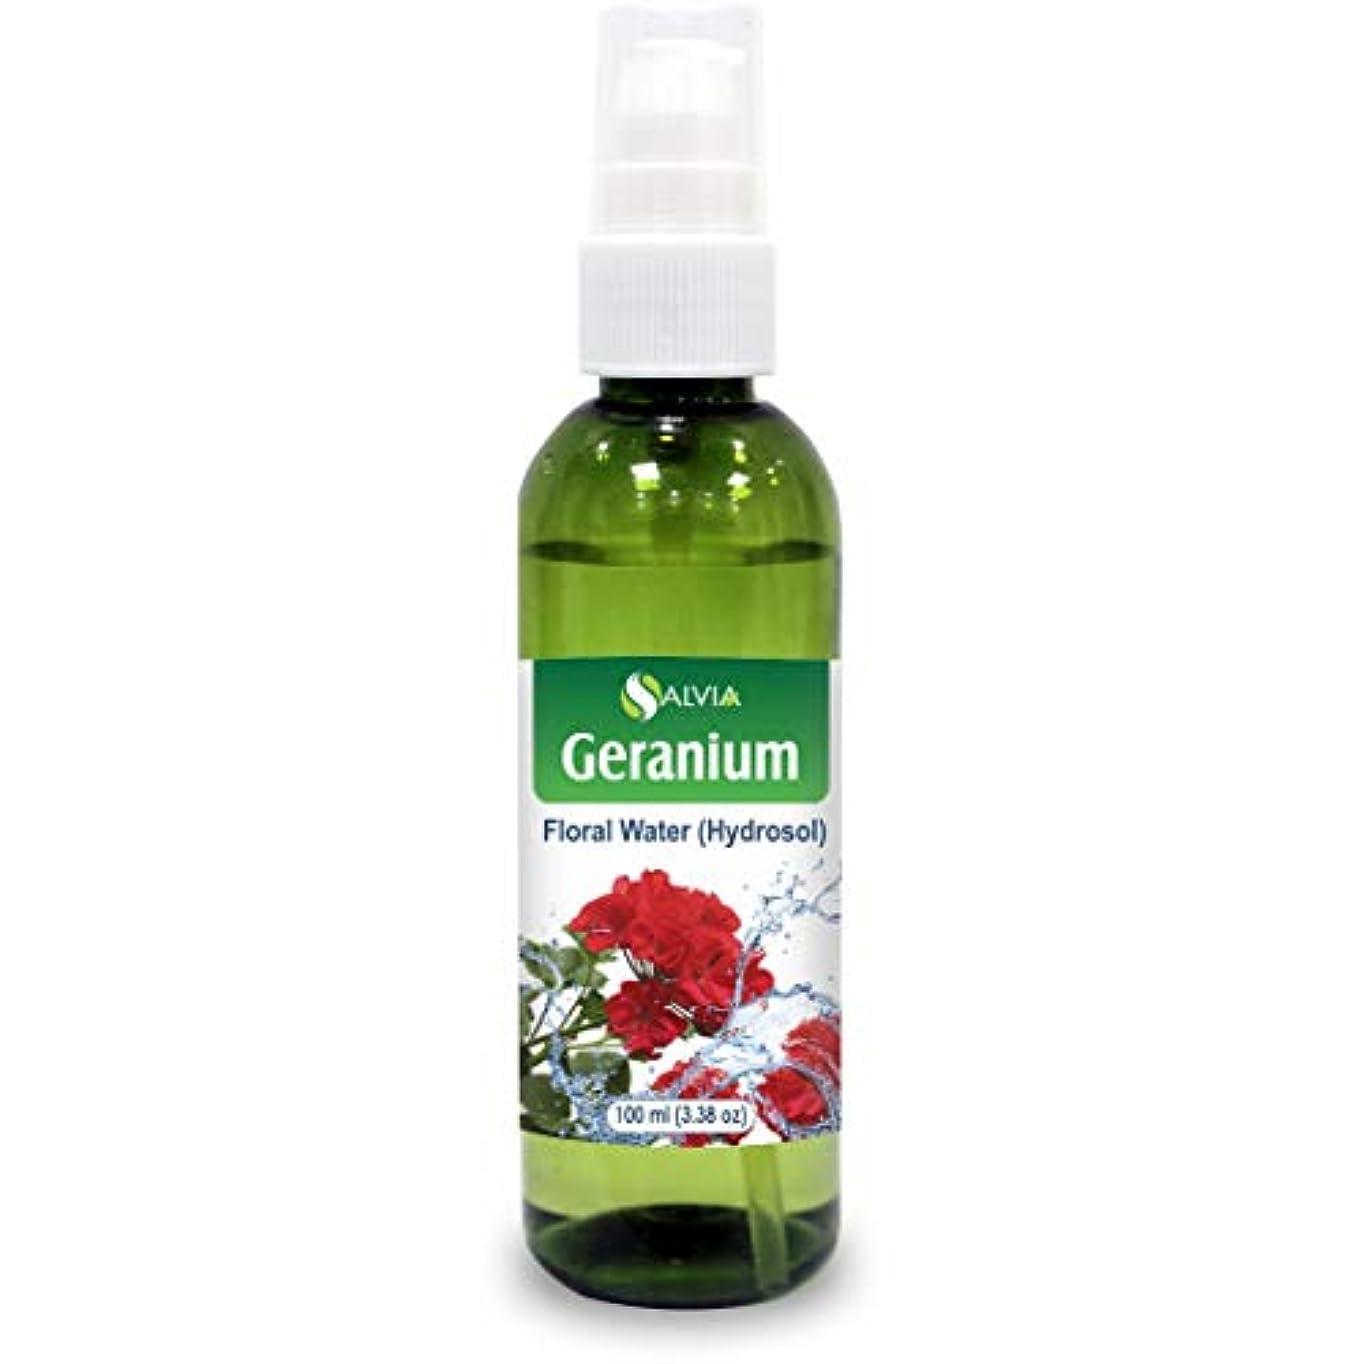 バルセロナ生理自分Geranium Floral Water 100ml (Hydrosol) 100% Pure And Natural